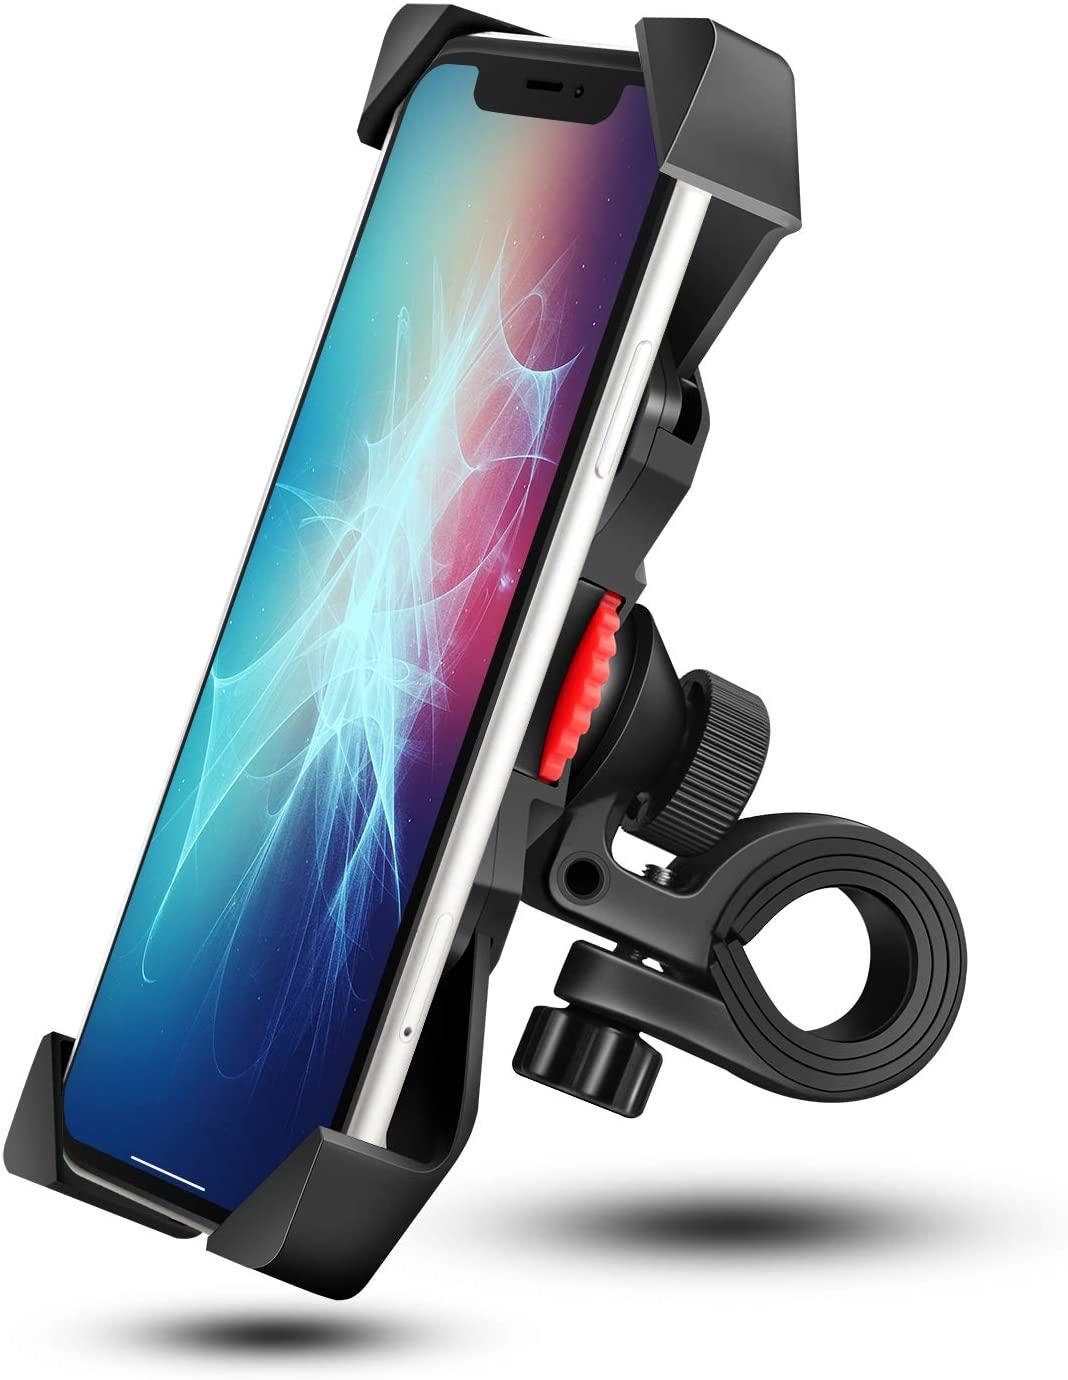 Supporto per Smartphone Universale Motociclo Manubrio Cellulare